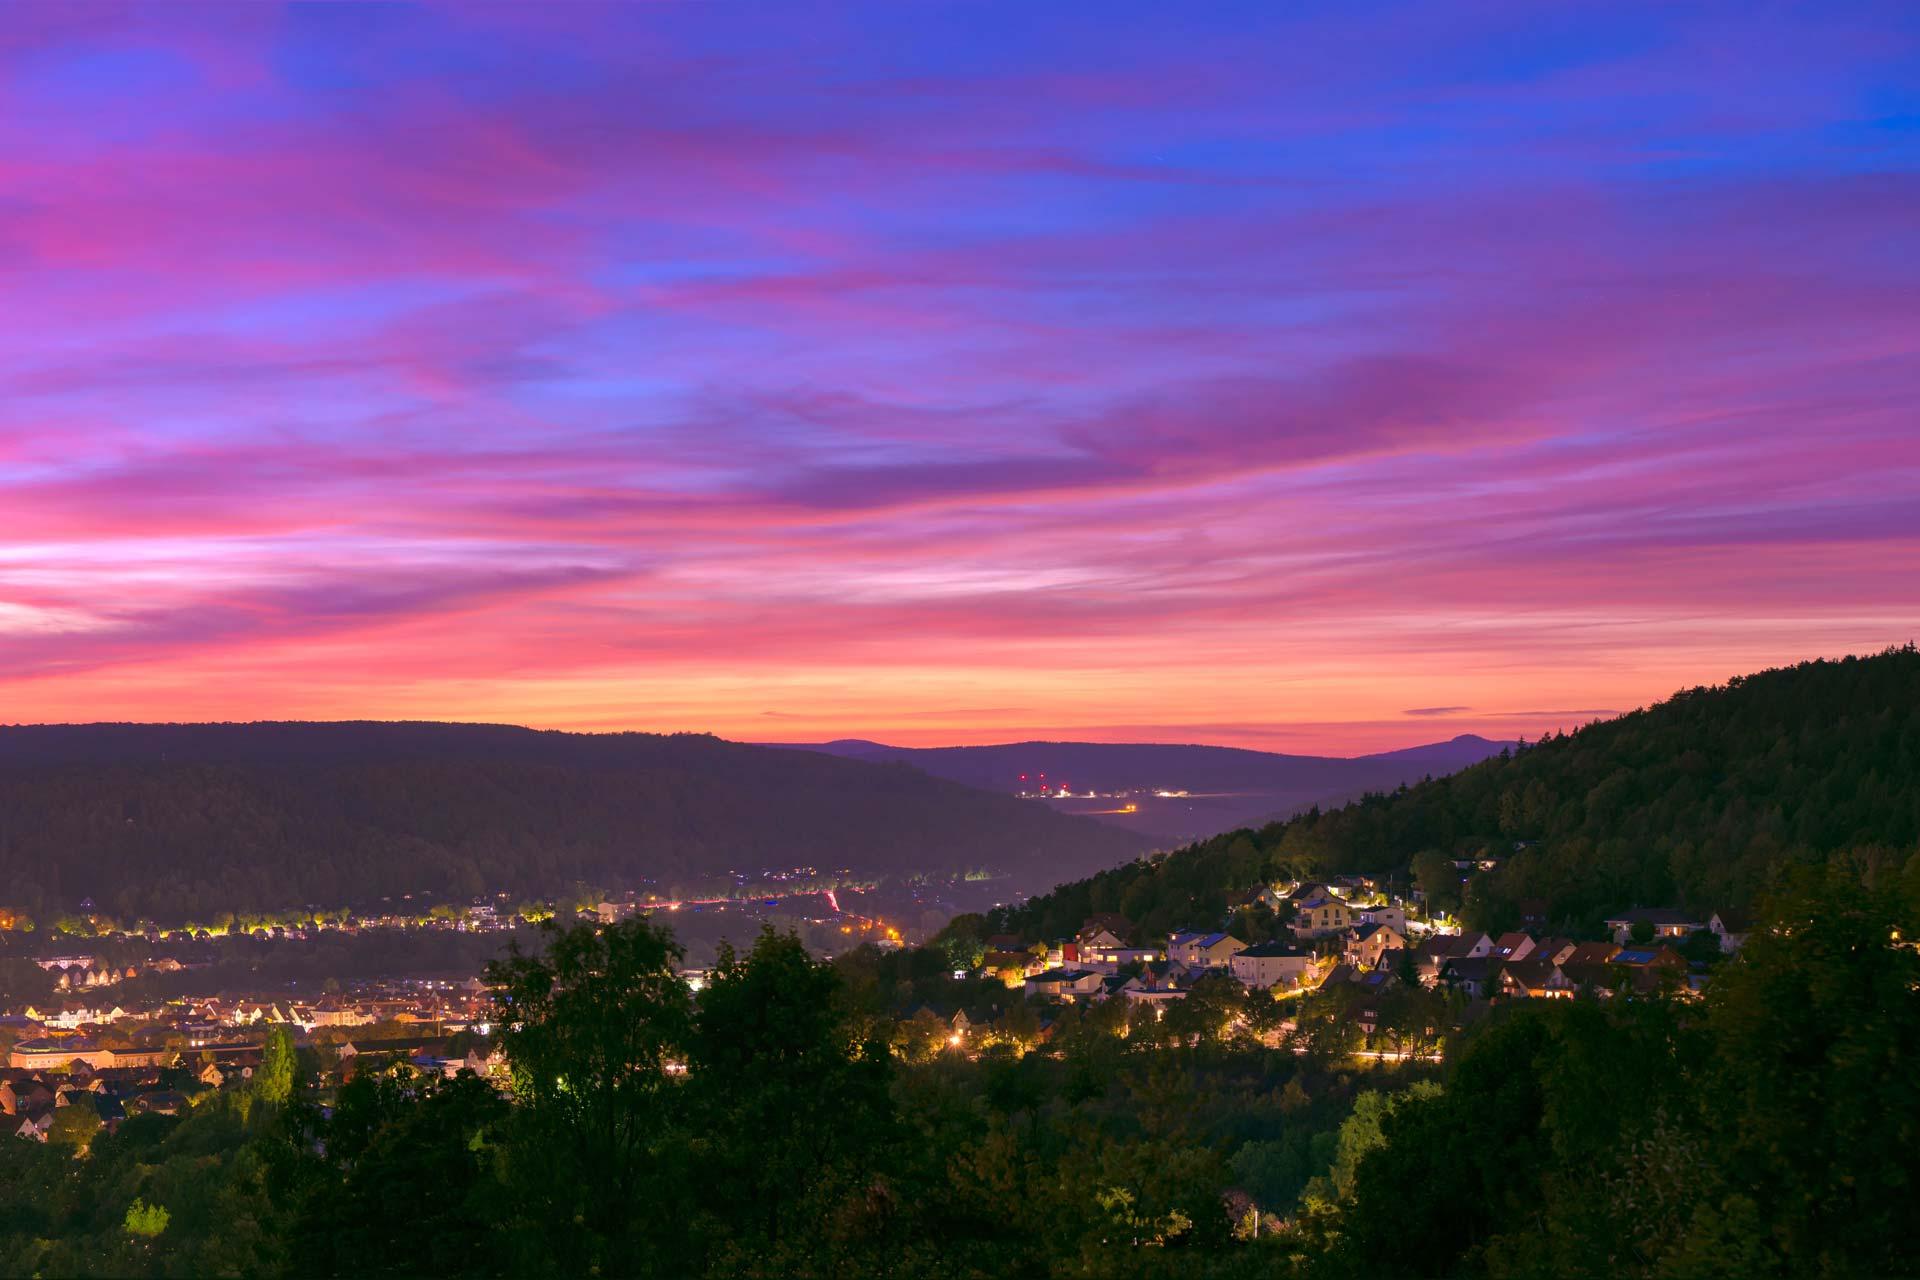 Landschaftsfotografie - Meiningen im Abendrot